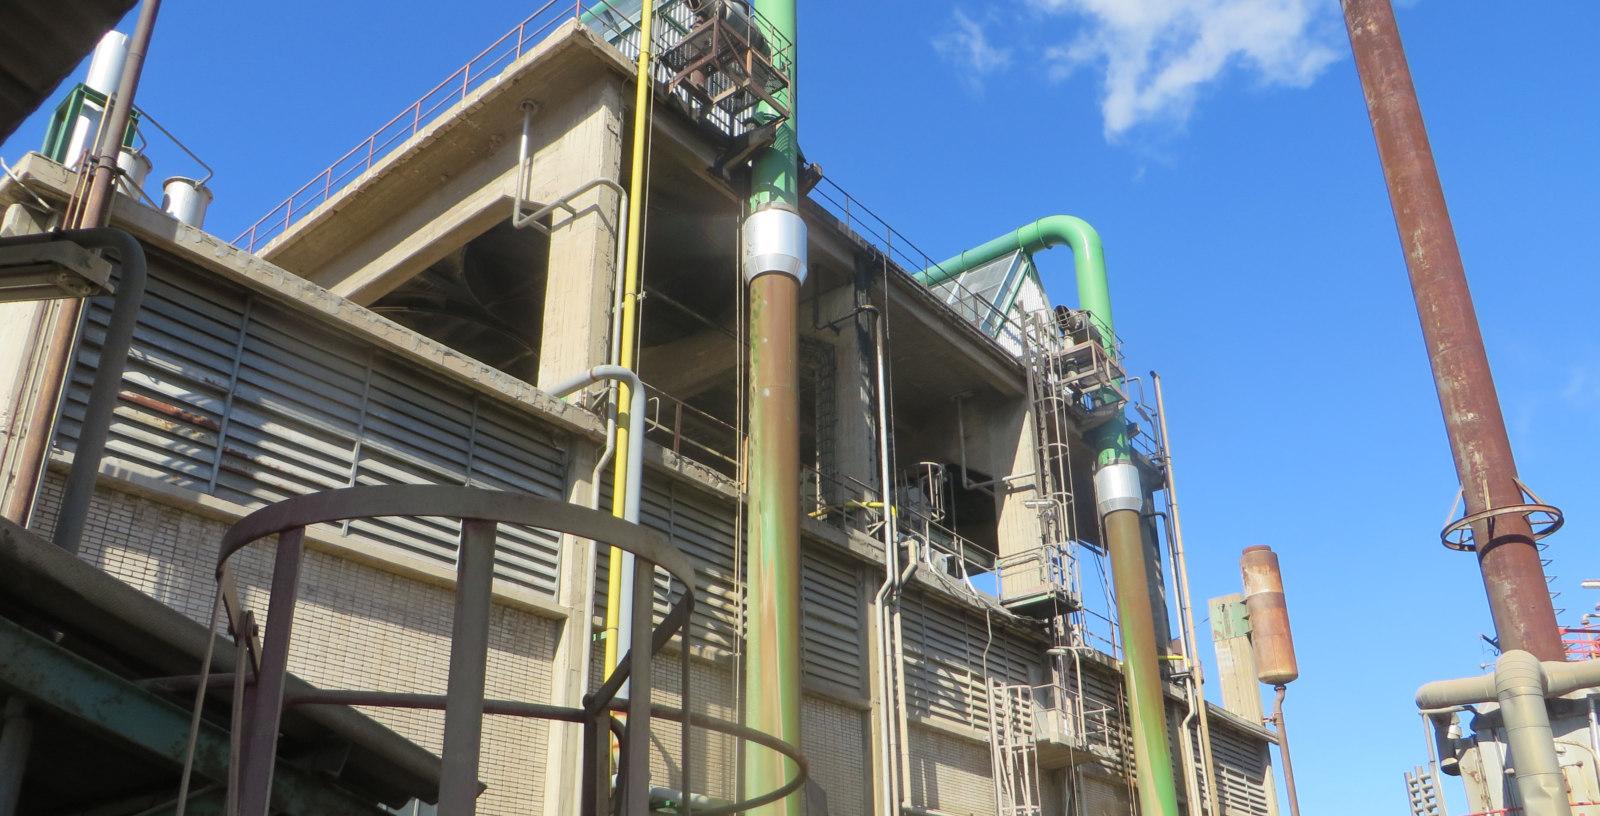 FEED_Syngas_Compressor_Ammonia_Plant_Fertiberia_IDOM_002